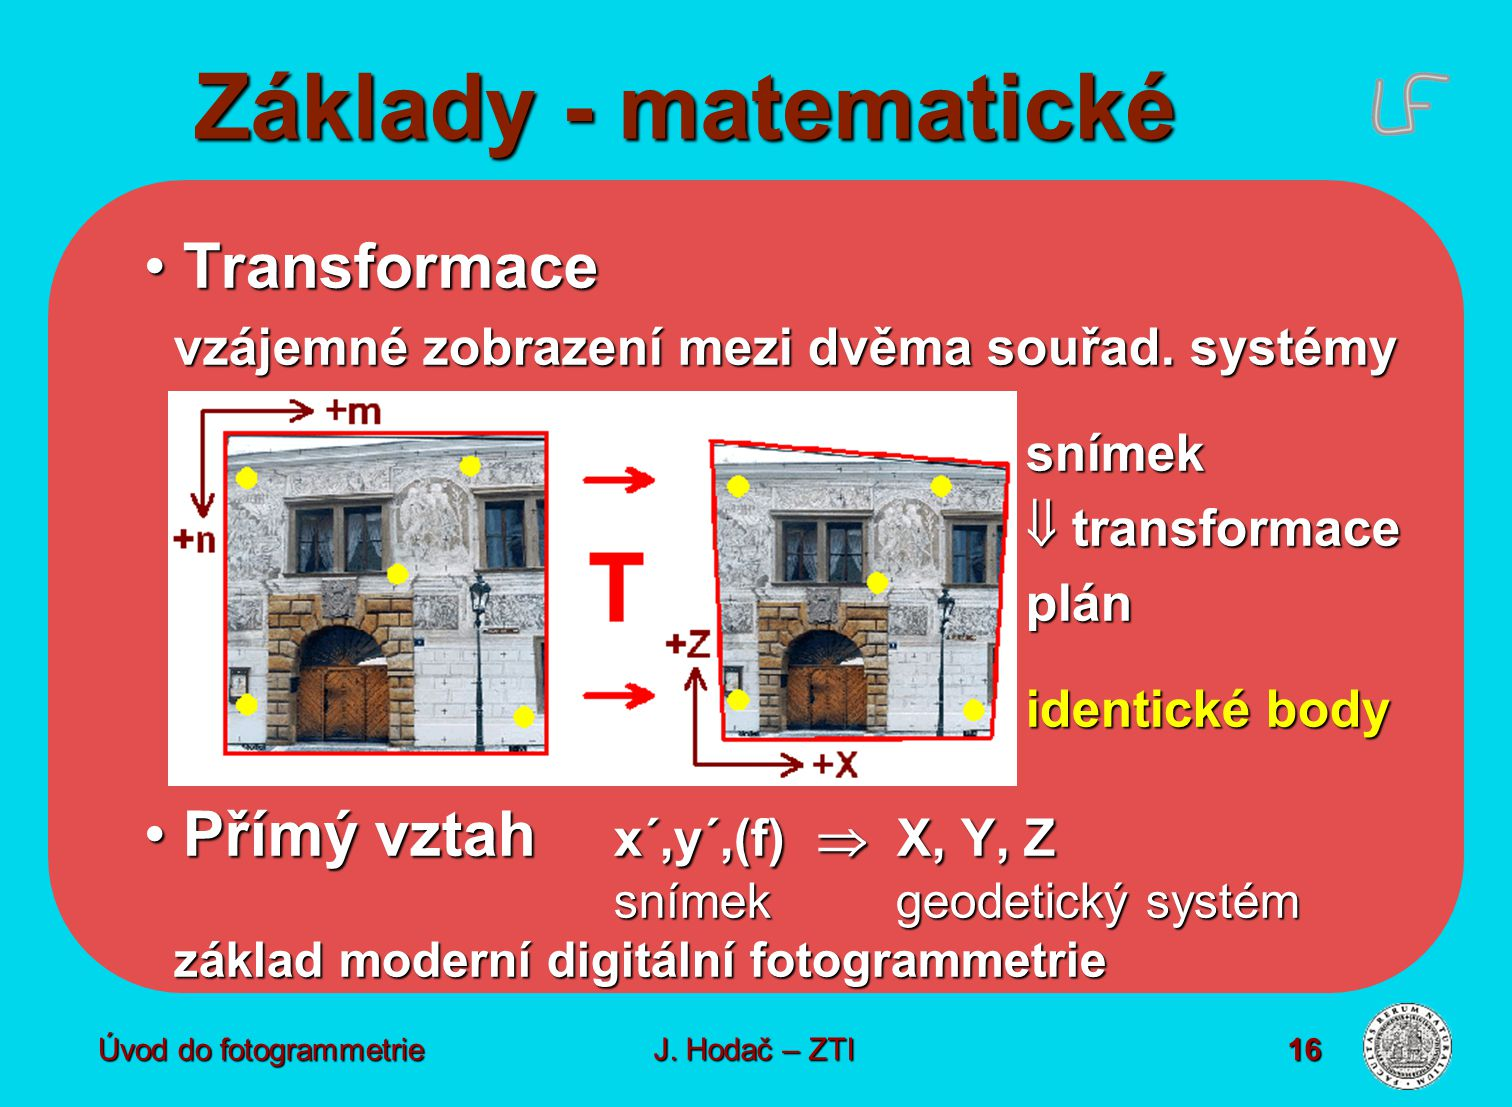 Úvod do fotogrammetrie16 Základy - matematické Transformace Transformace vzájemné zobrazení mezi dvěma souřad. systémy snímek  transformace plán iden